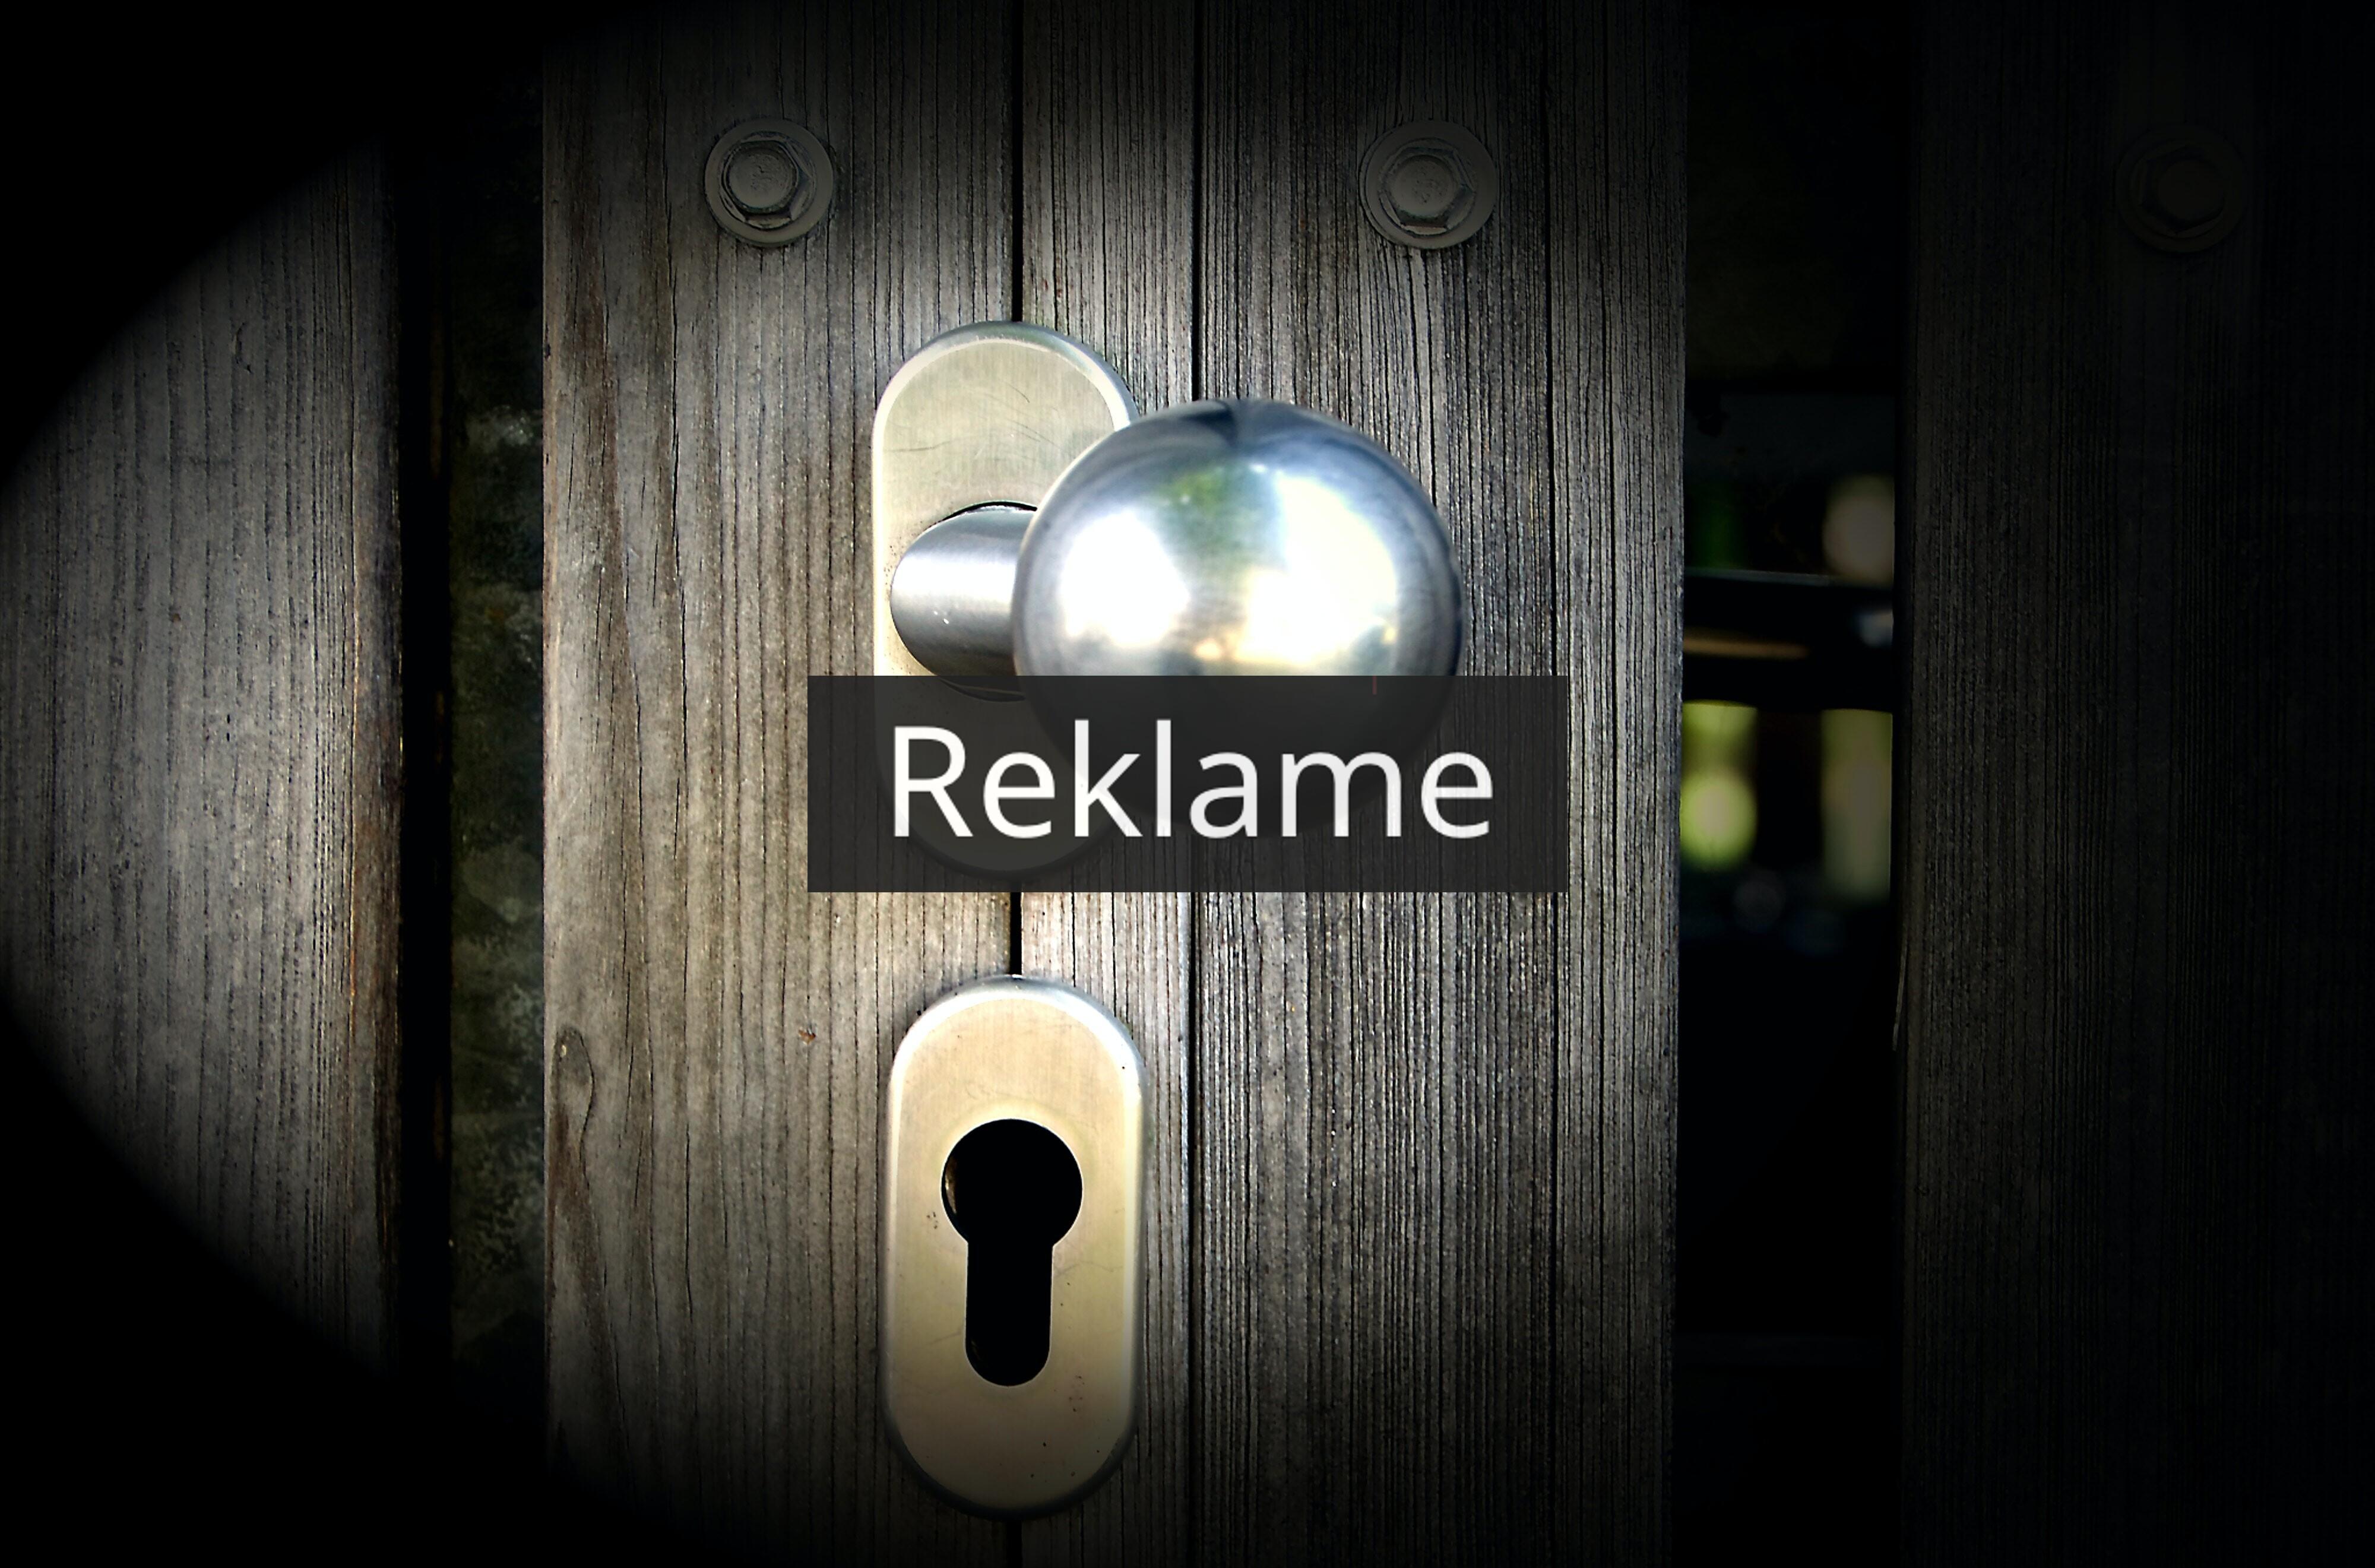 Find en låsesmed som har kvalitet og sikkerhed som prioritet